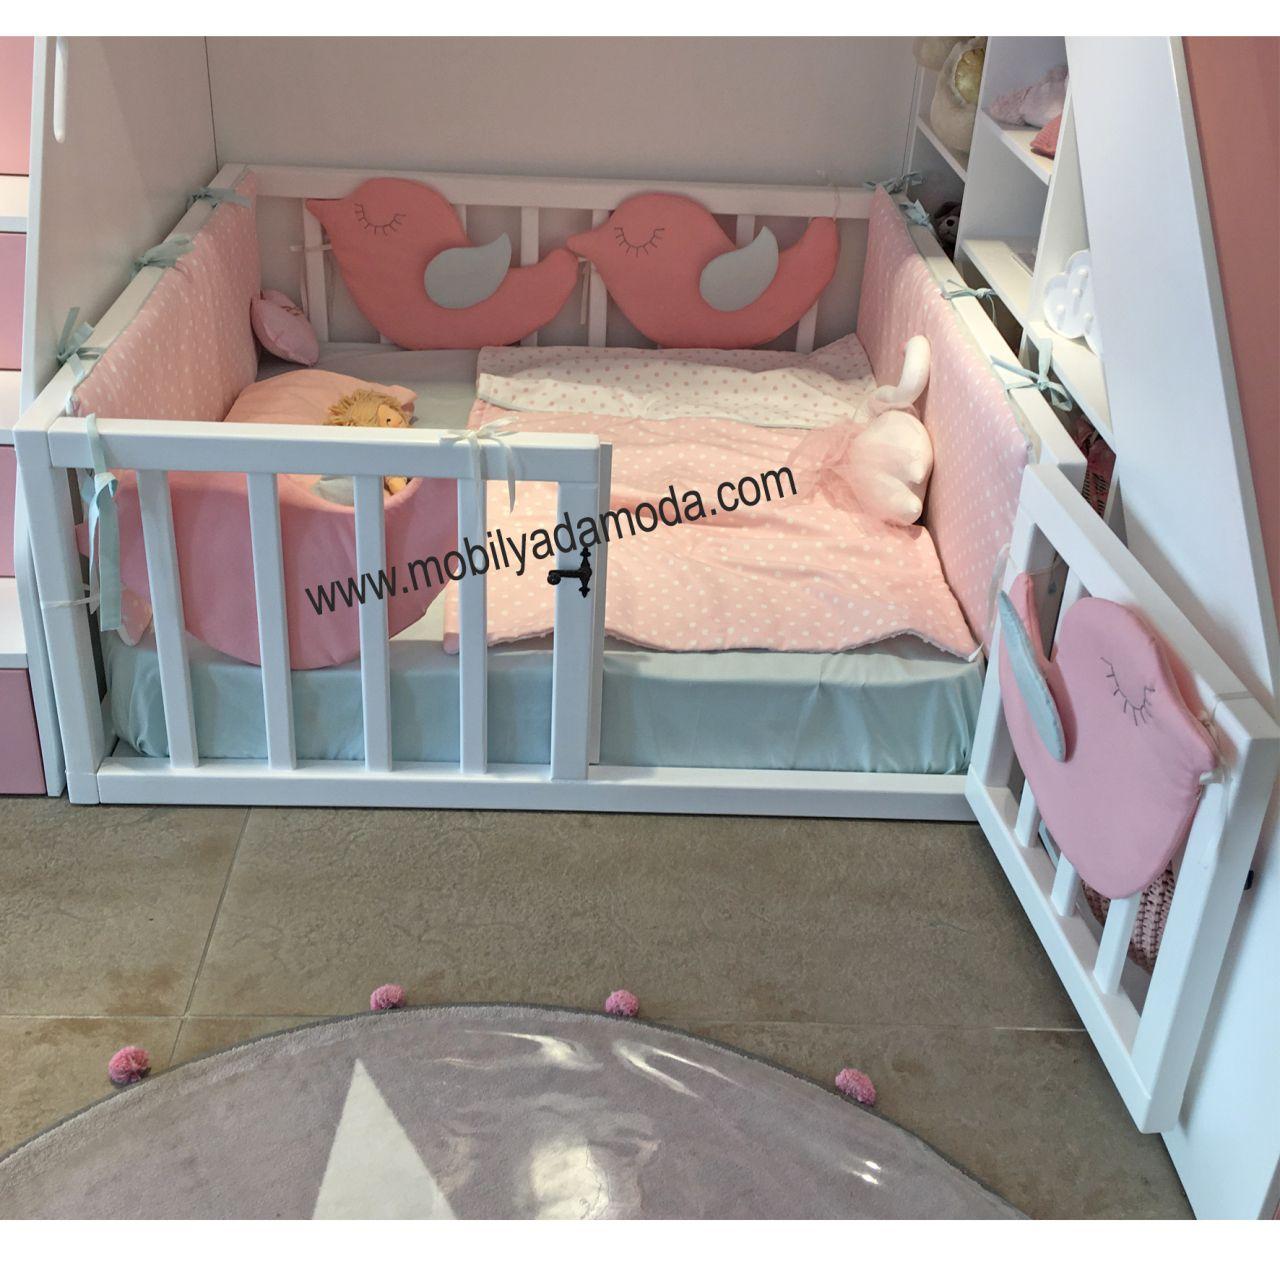 Besik Bebek Besikleri Bebek Odasi Cocuk Odasi Montessori Buyuyebilen Besik Ranza Bebek Izmir Bebek Odasi I Oglan Cocugu Odalari Bebek Yatak Ortuleri Montessori